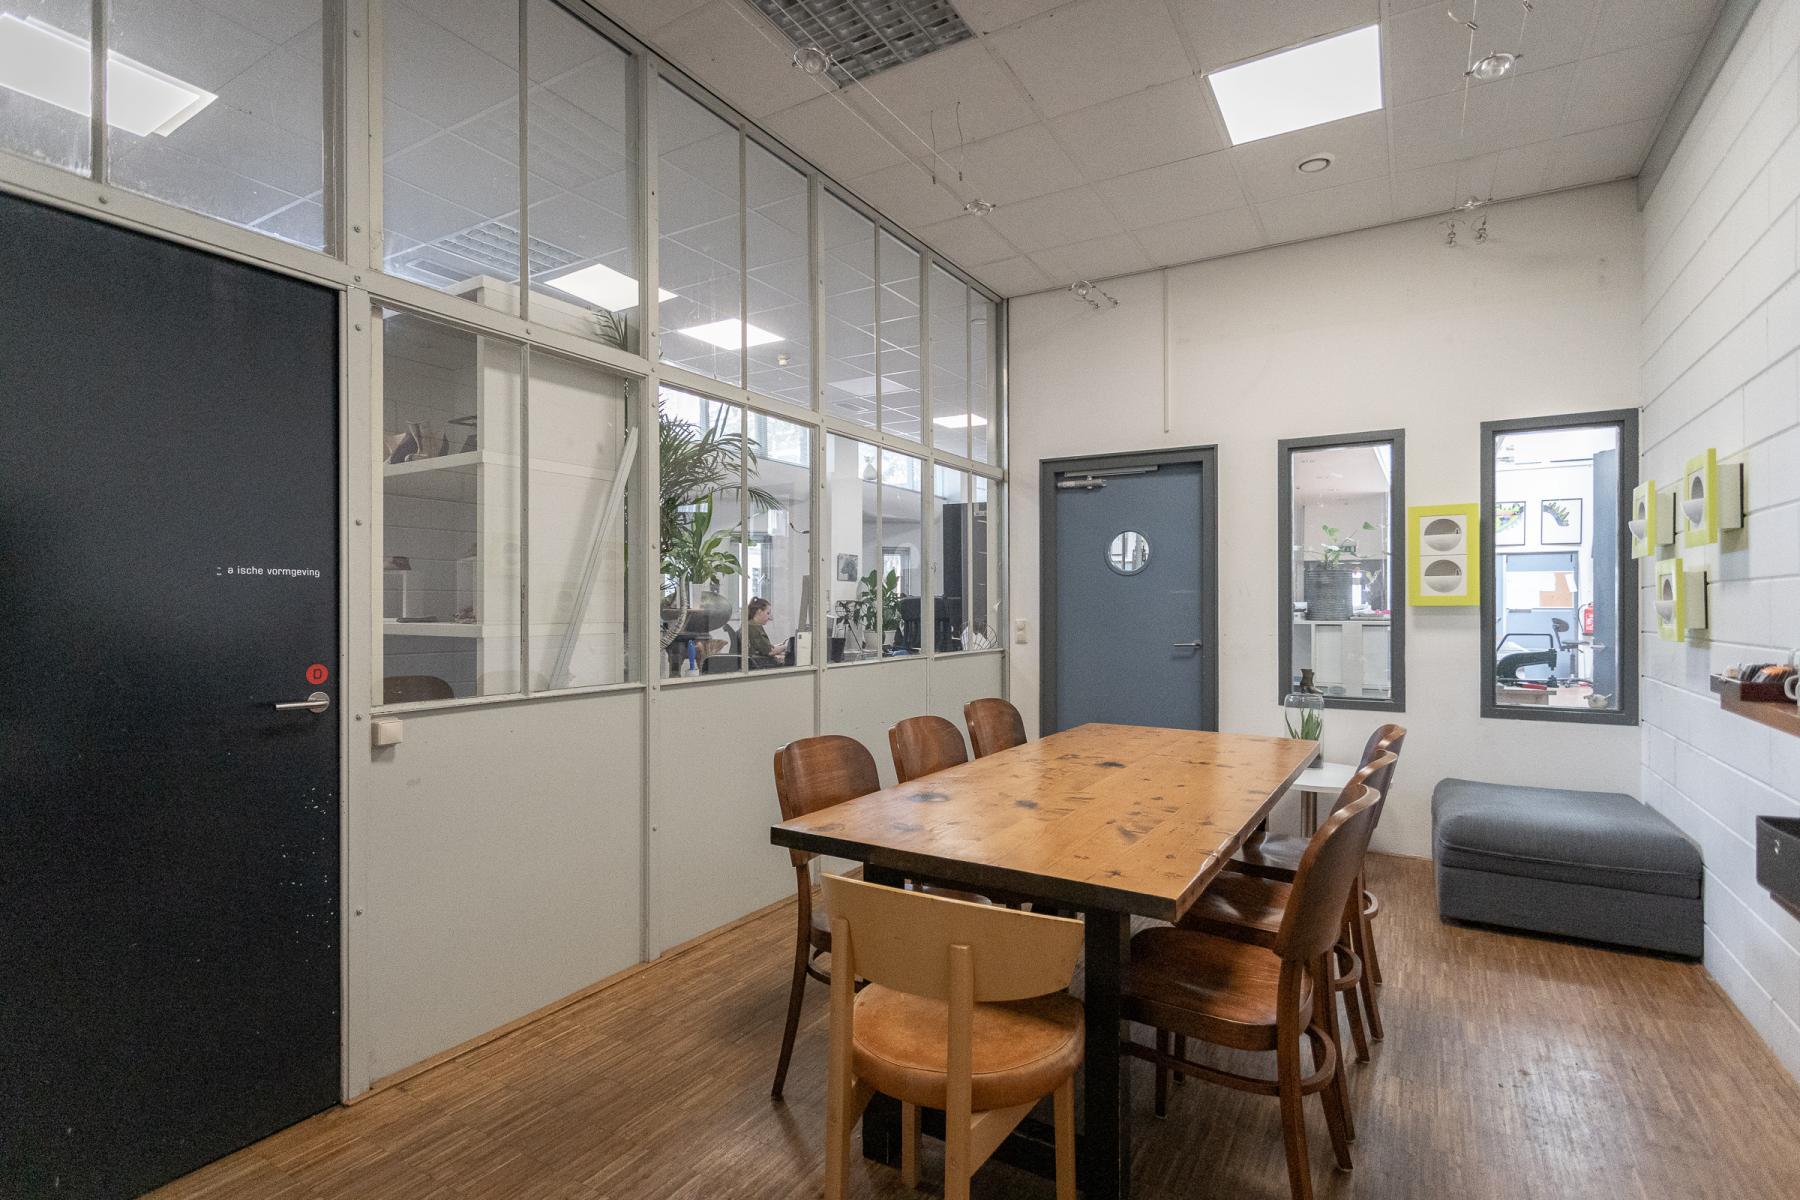 Rent office space Oudeschans 21, Amsterdam (29)